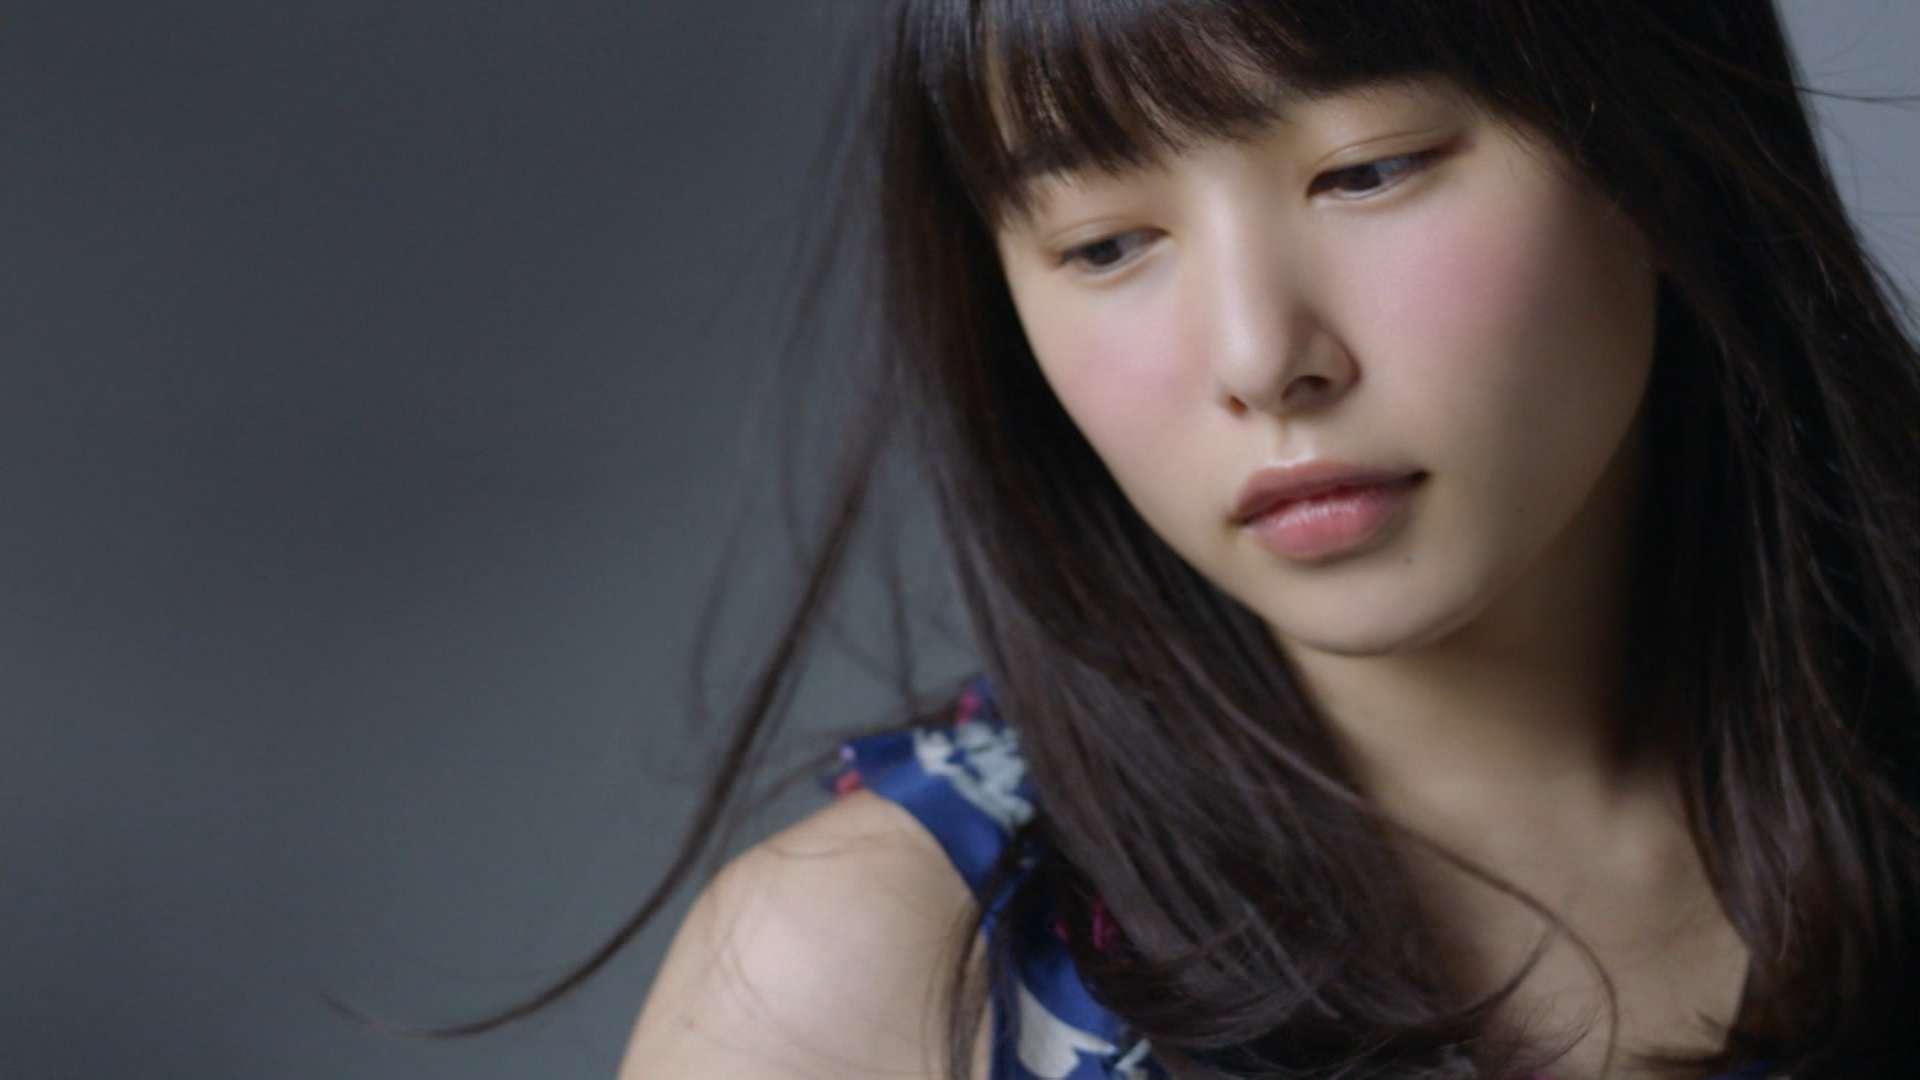 桜井日奈子 画像10